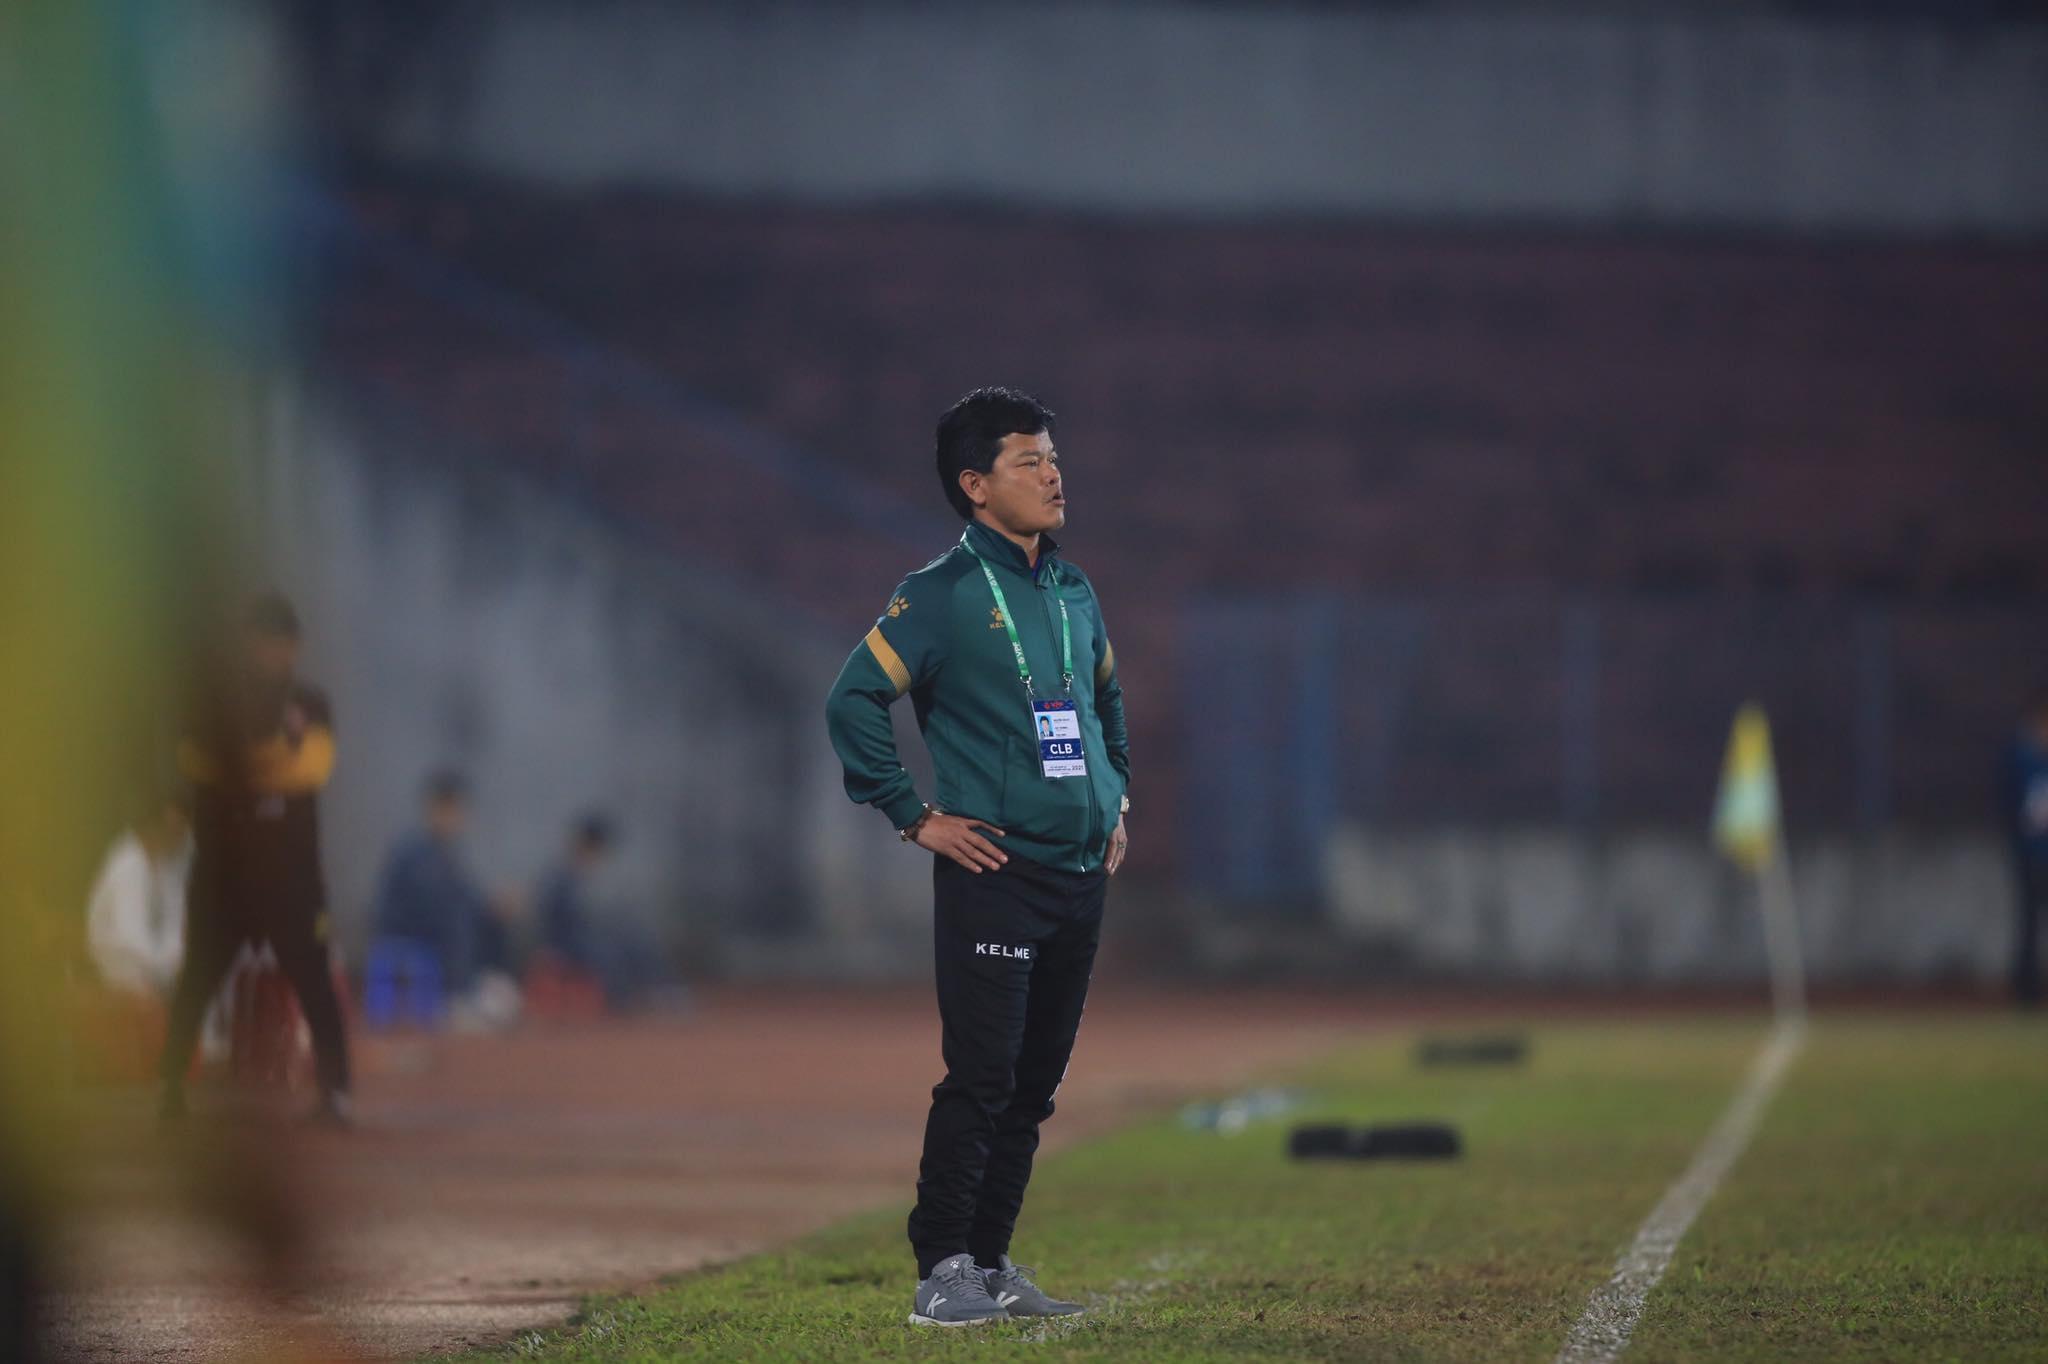 HLV Văn Sỹ thừa nhận thất bại của Nam Định trước Hải Phòng là xứng đáng - Ảnh: Minh Tuấn